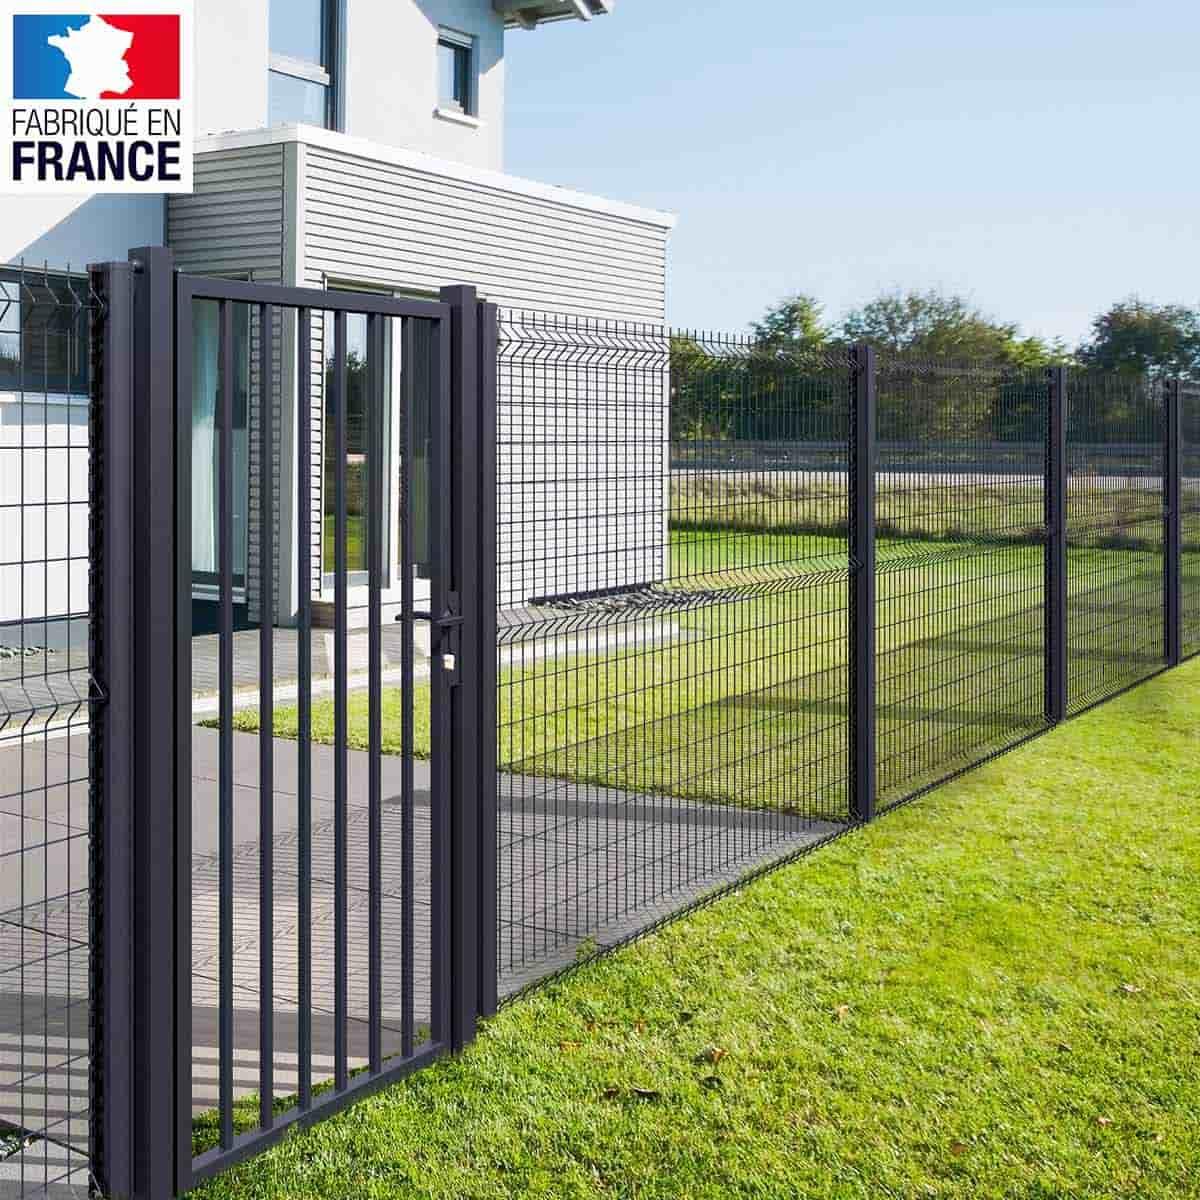 Clôture Grillage Rigide - Maille 10X5.5Cm, Gris pour Grillage De Jardin Rigide